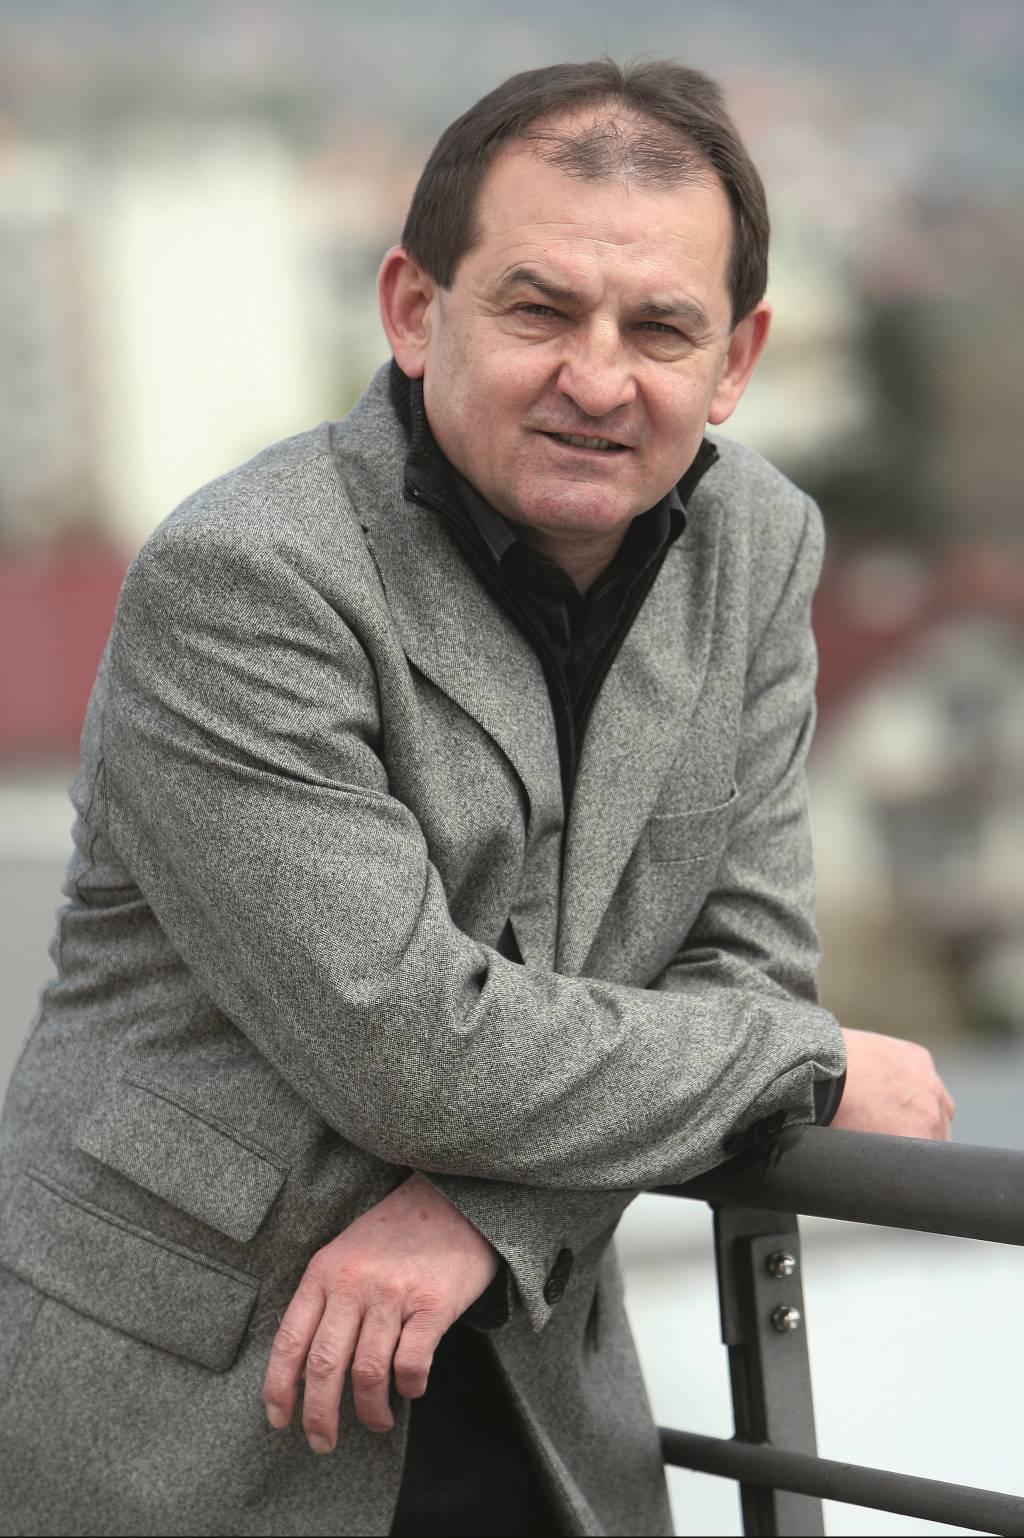 14.04.2010., Ulica Josipa Loncarica, Zagreb - Dragutin Kamenski, direktor tvrtke Kamgrad. Photo: Dalibor Urukalovic/PIXSELL